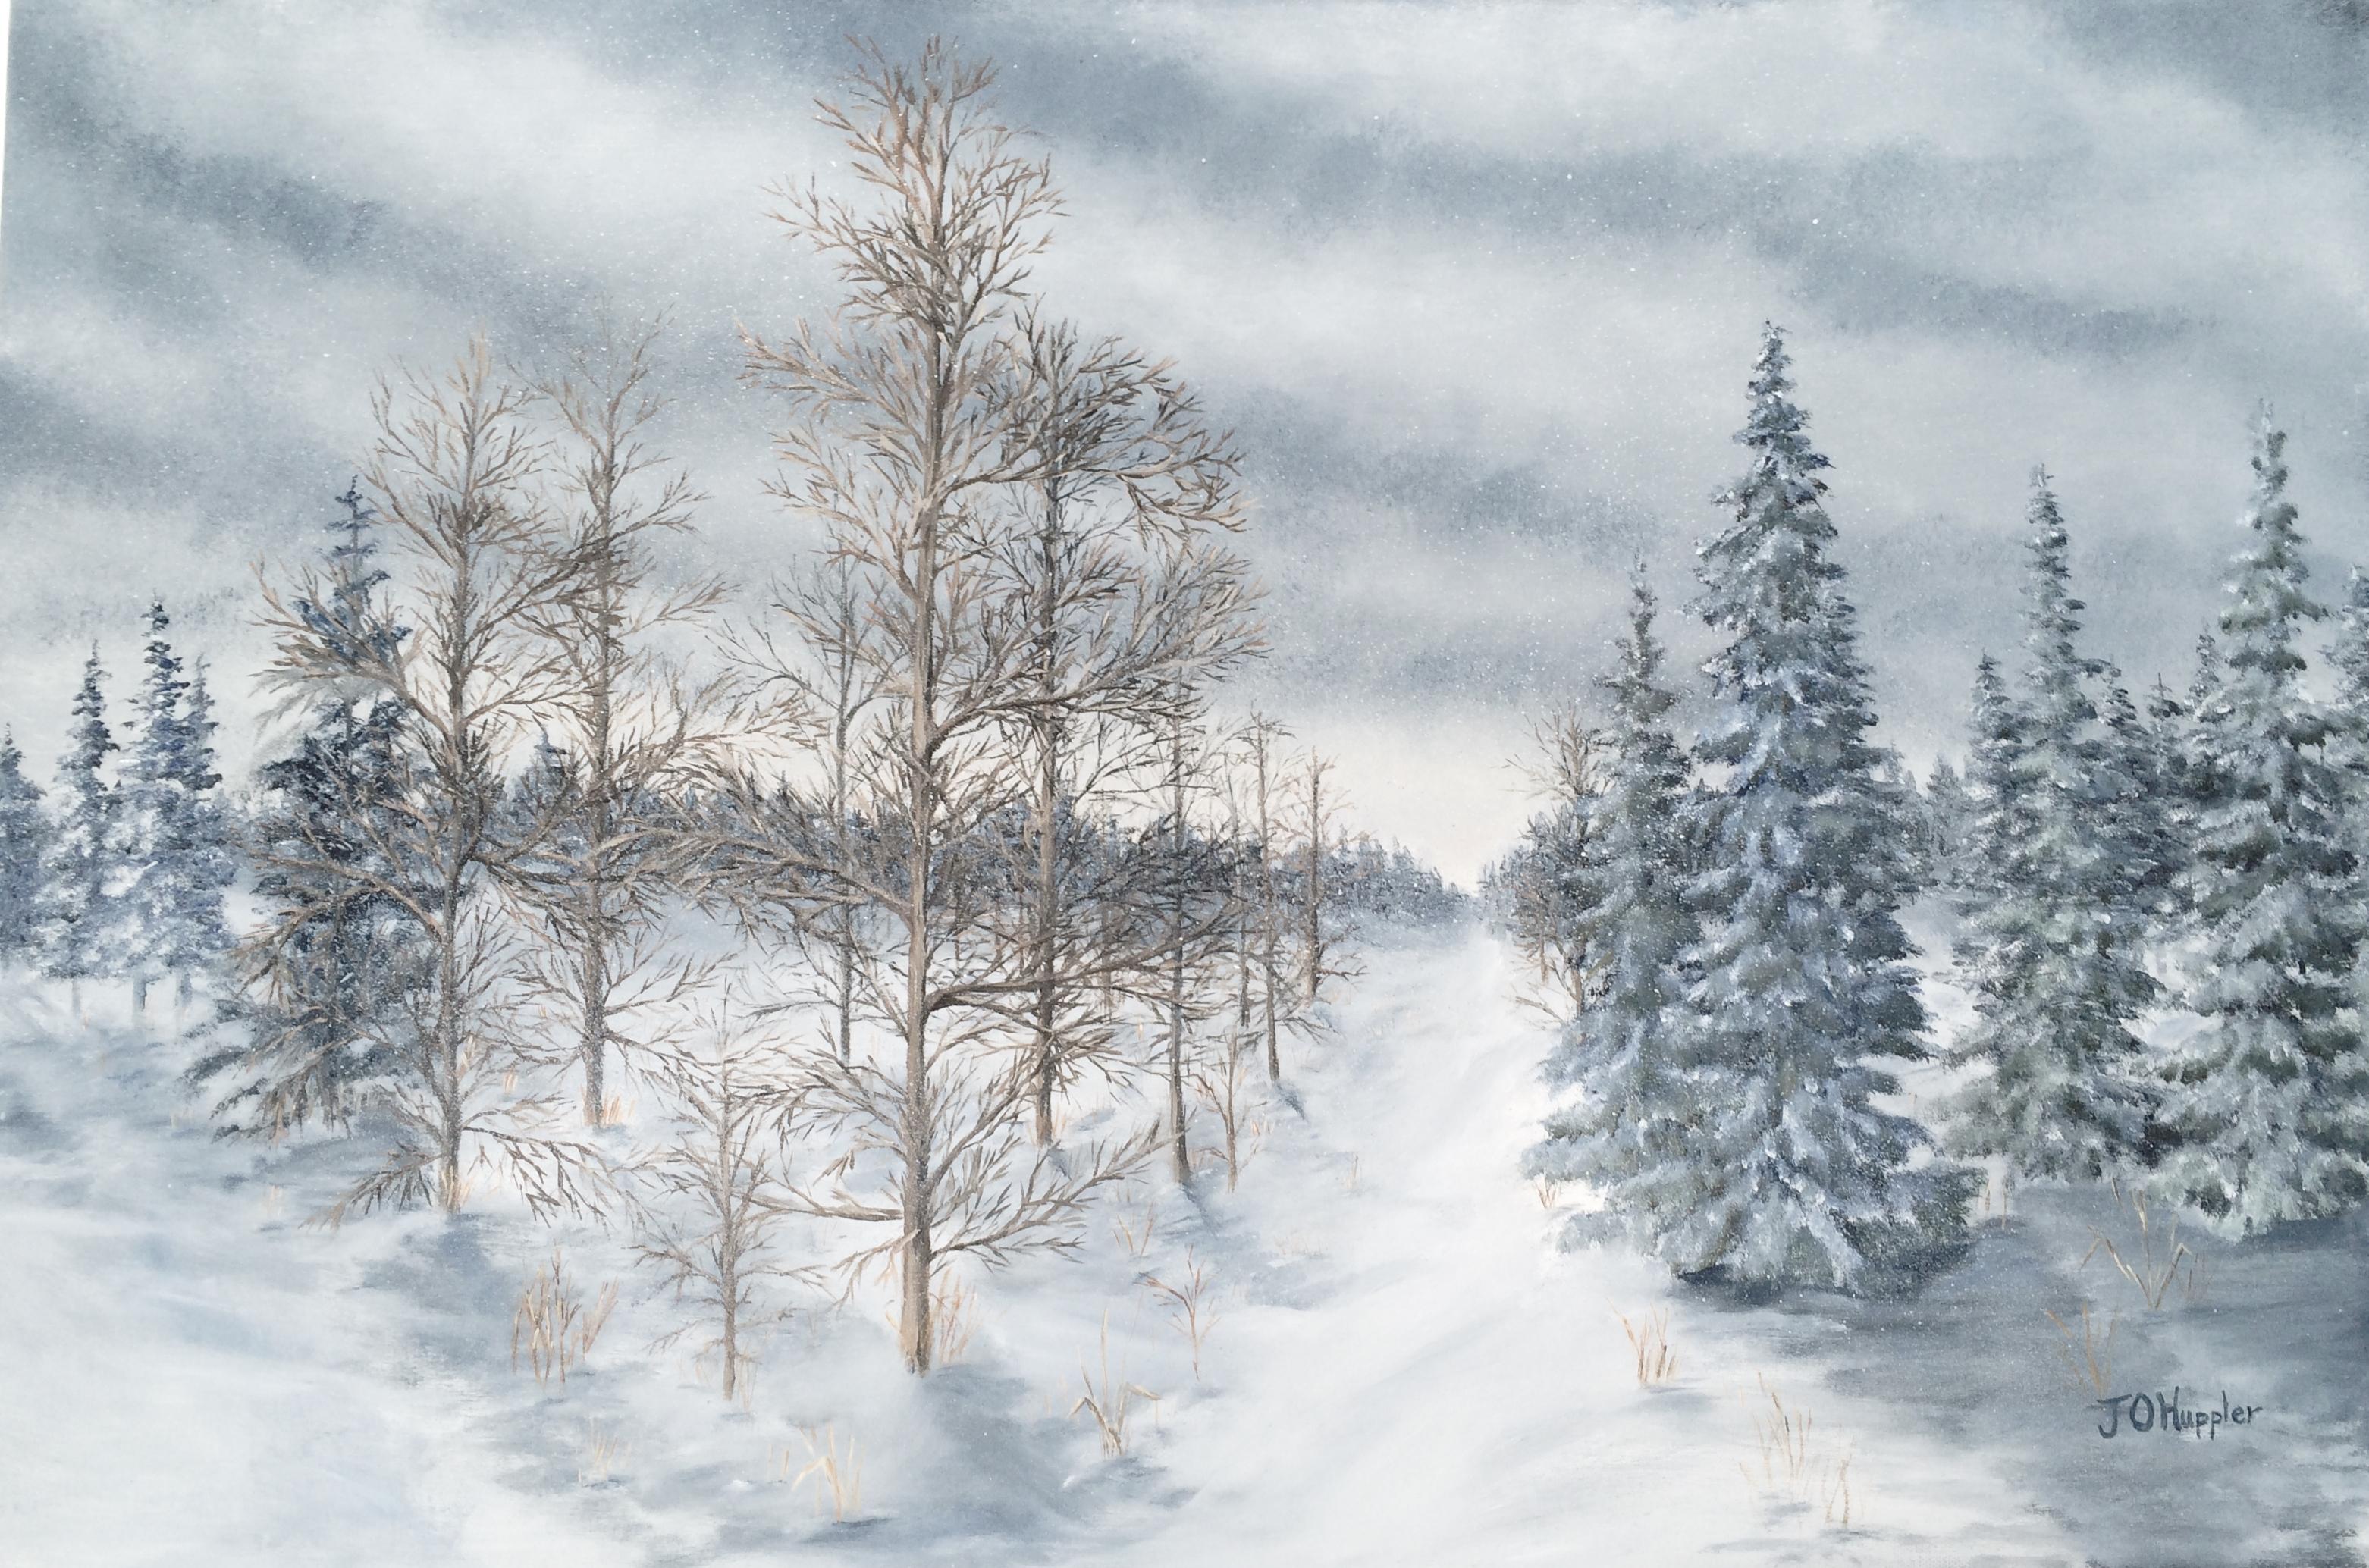 Winter Paintings | J O Huppler